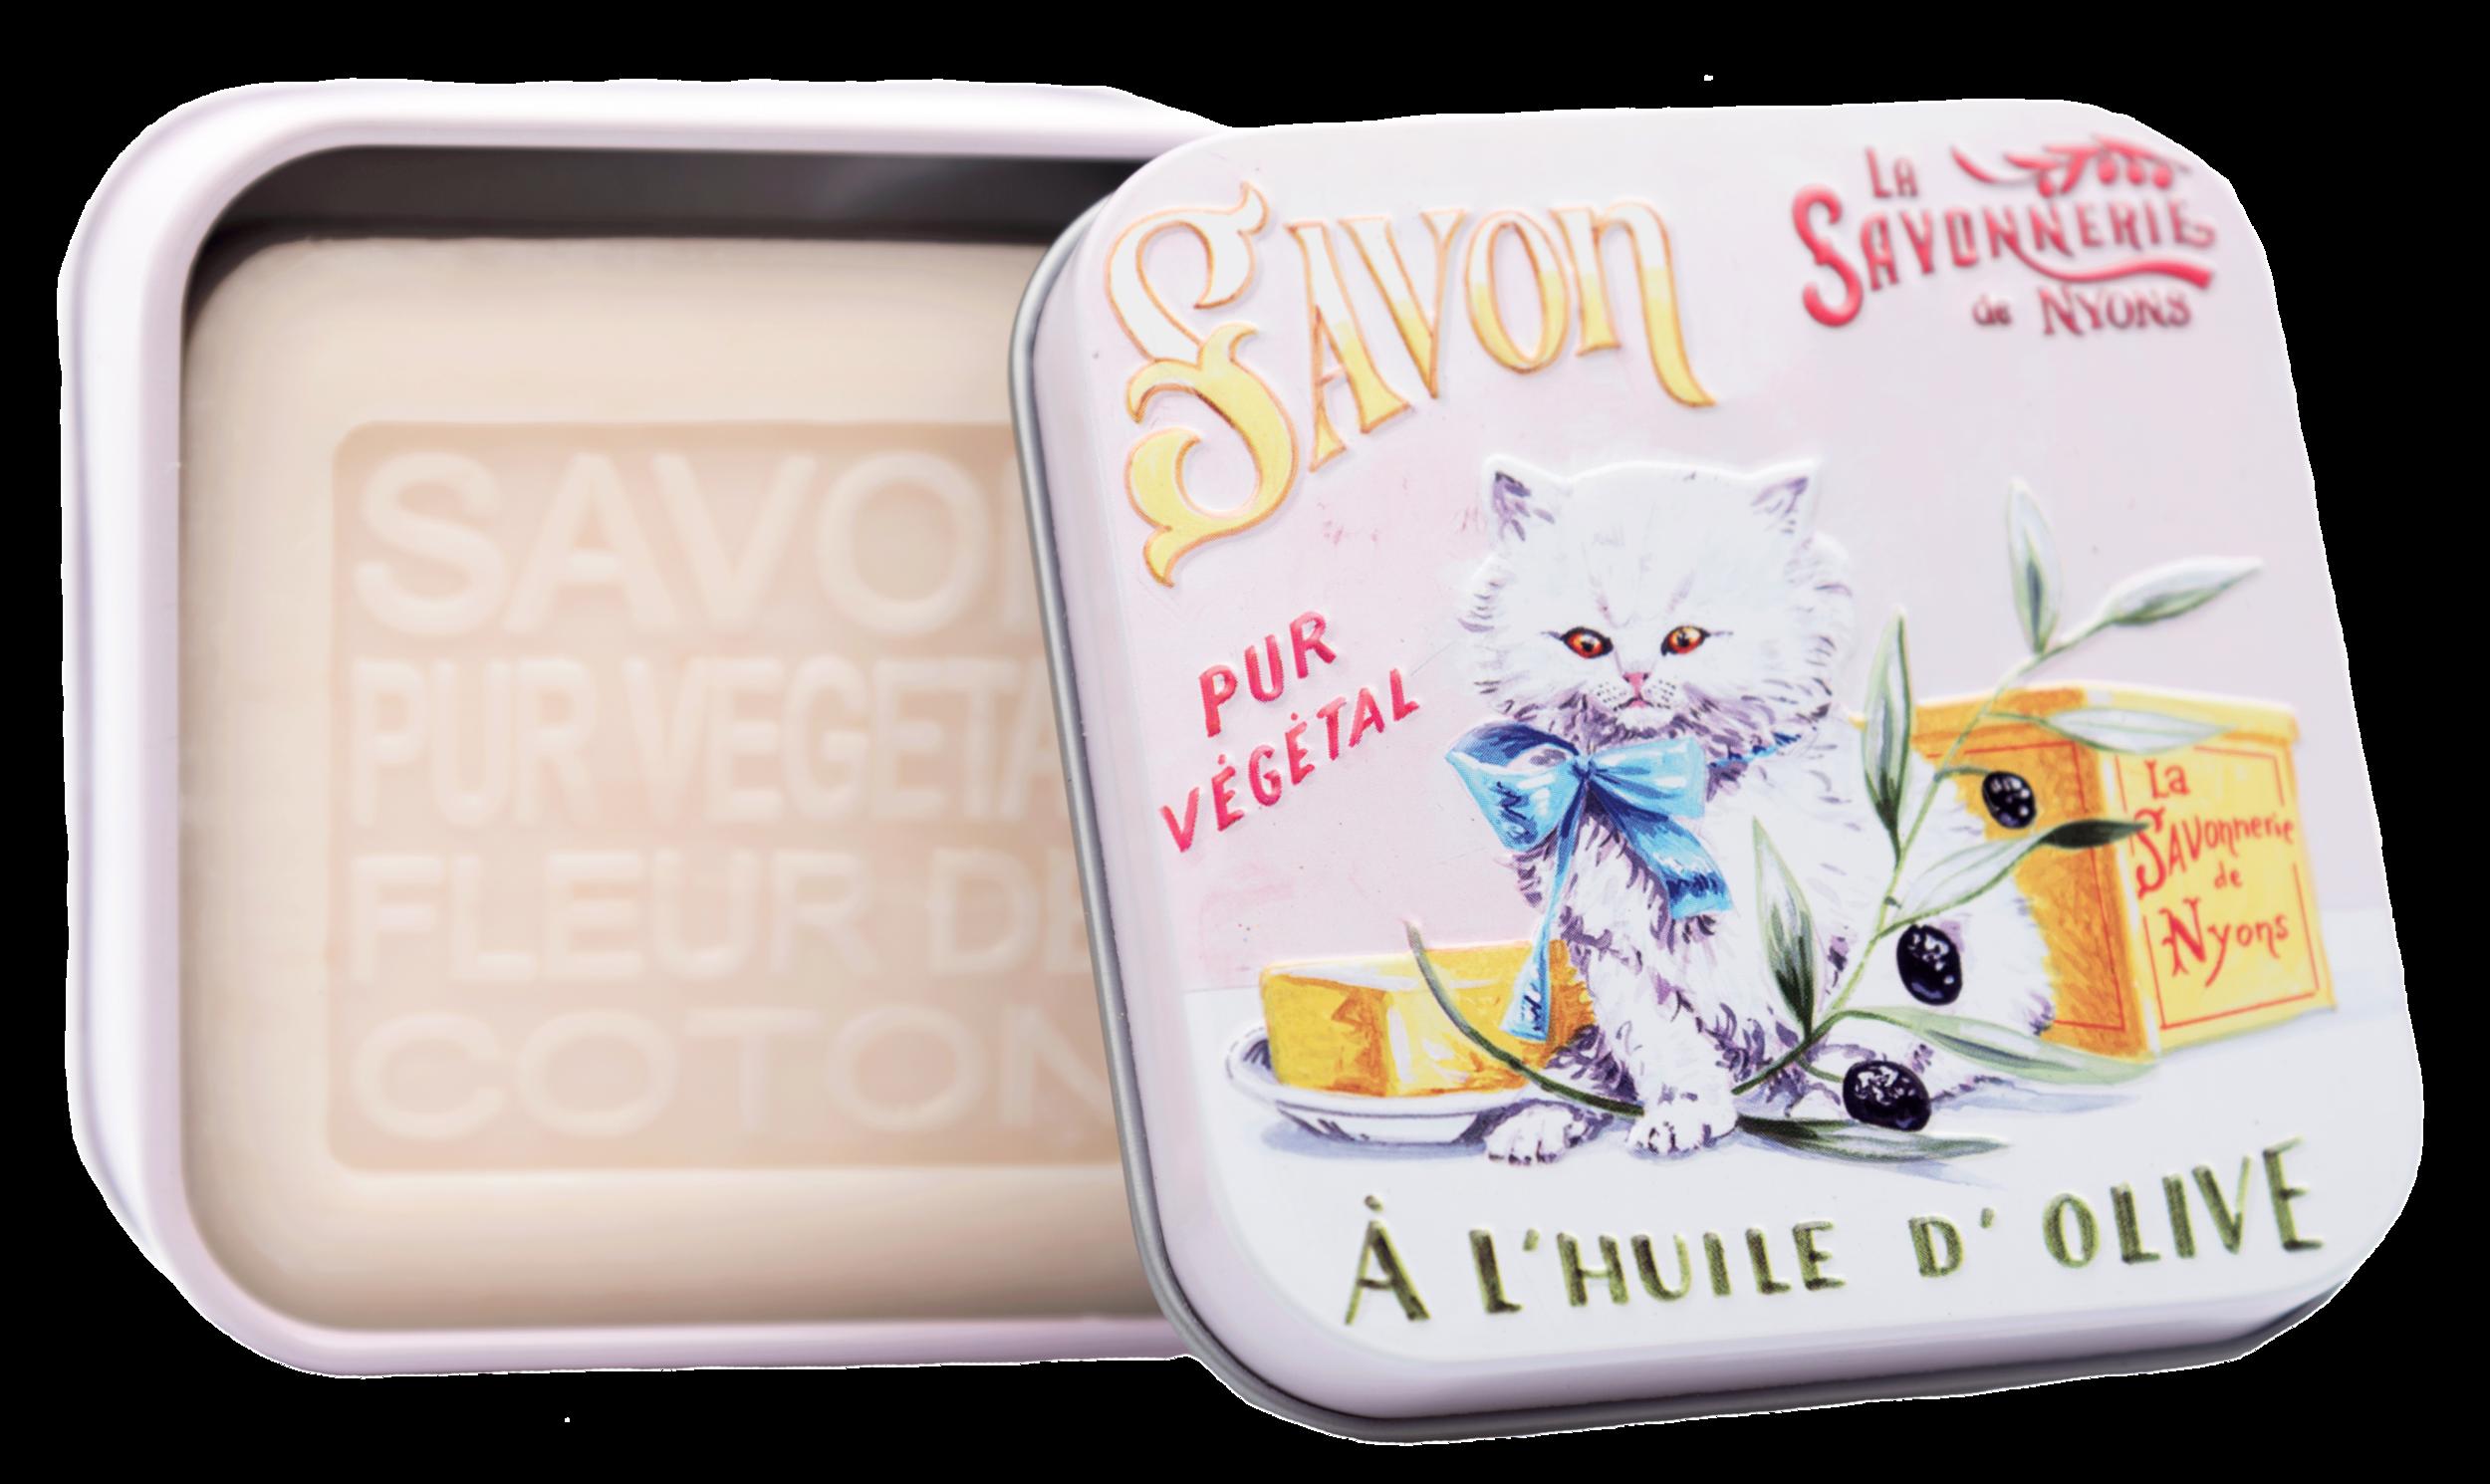 Boite Métal Chat Persan & Savon 100 g